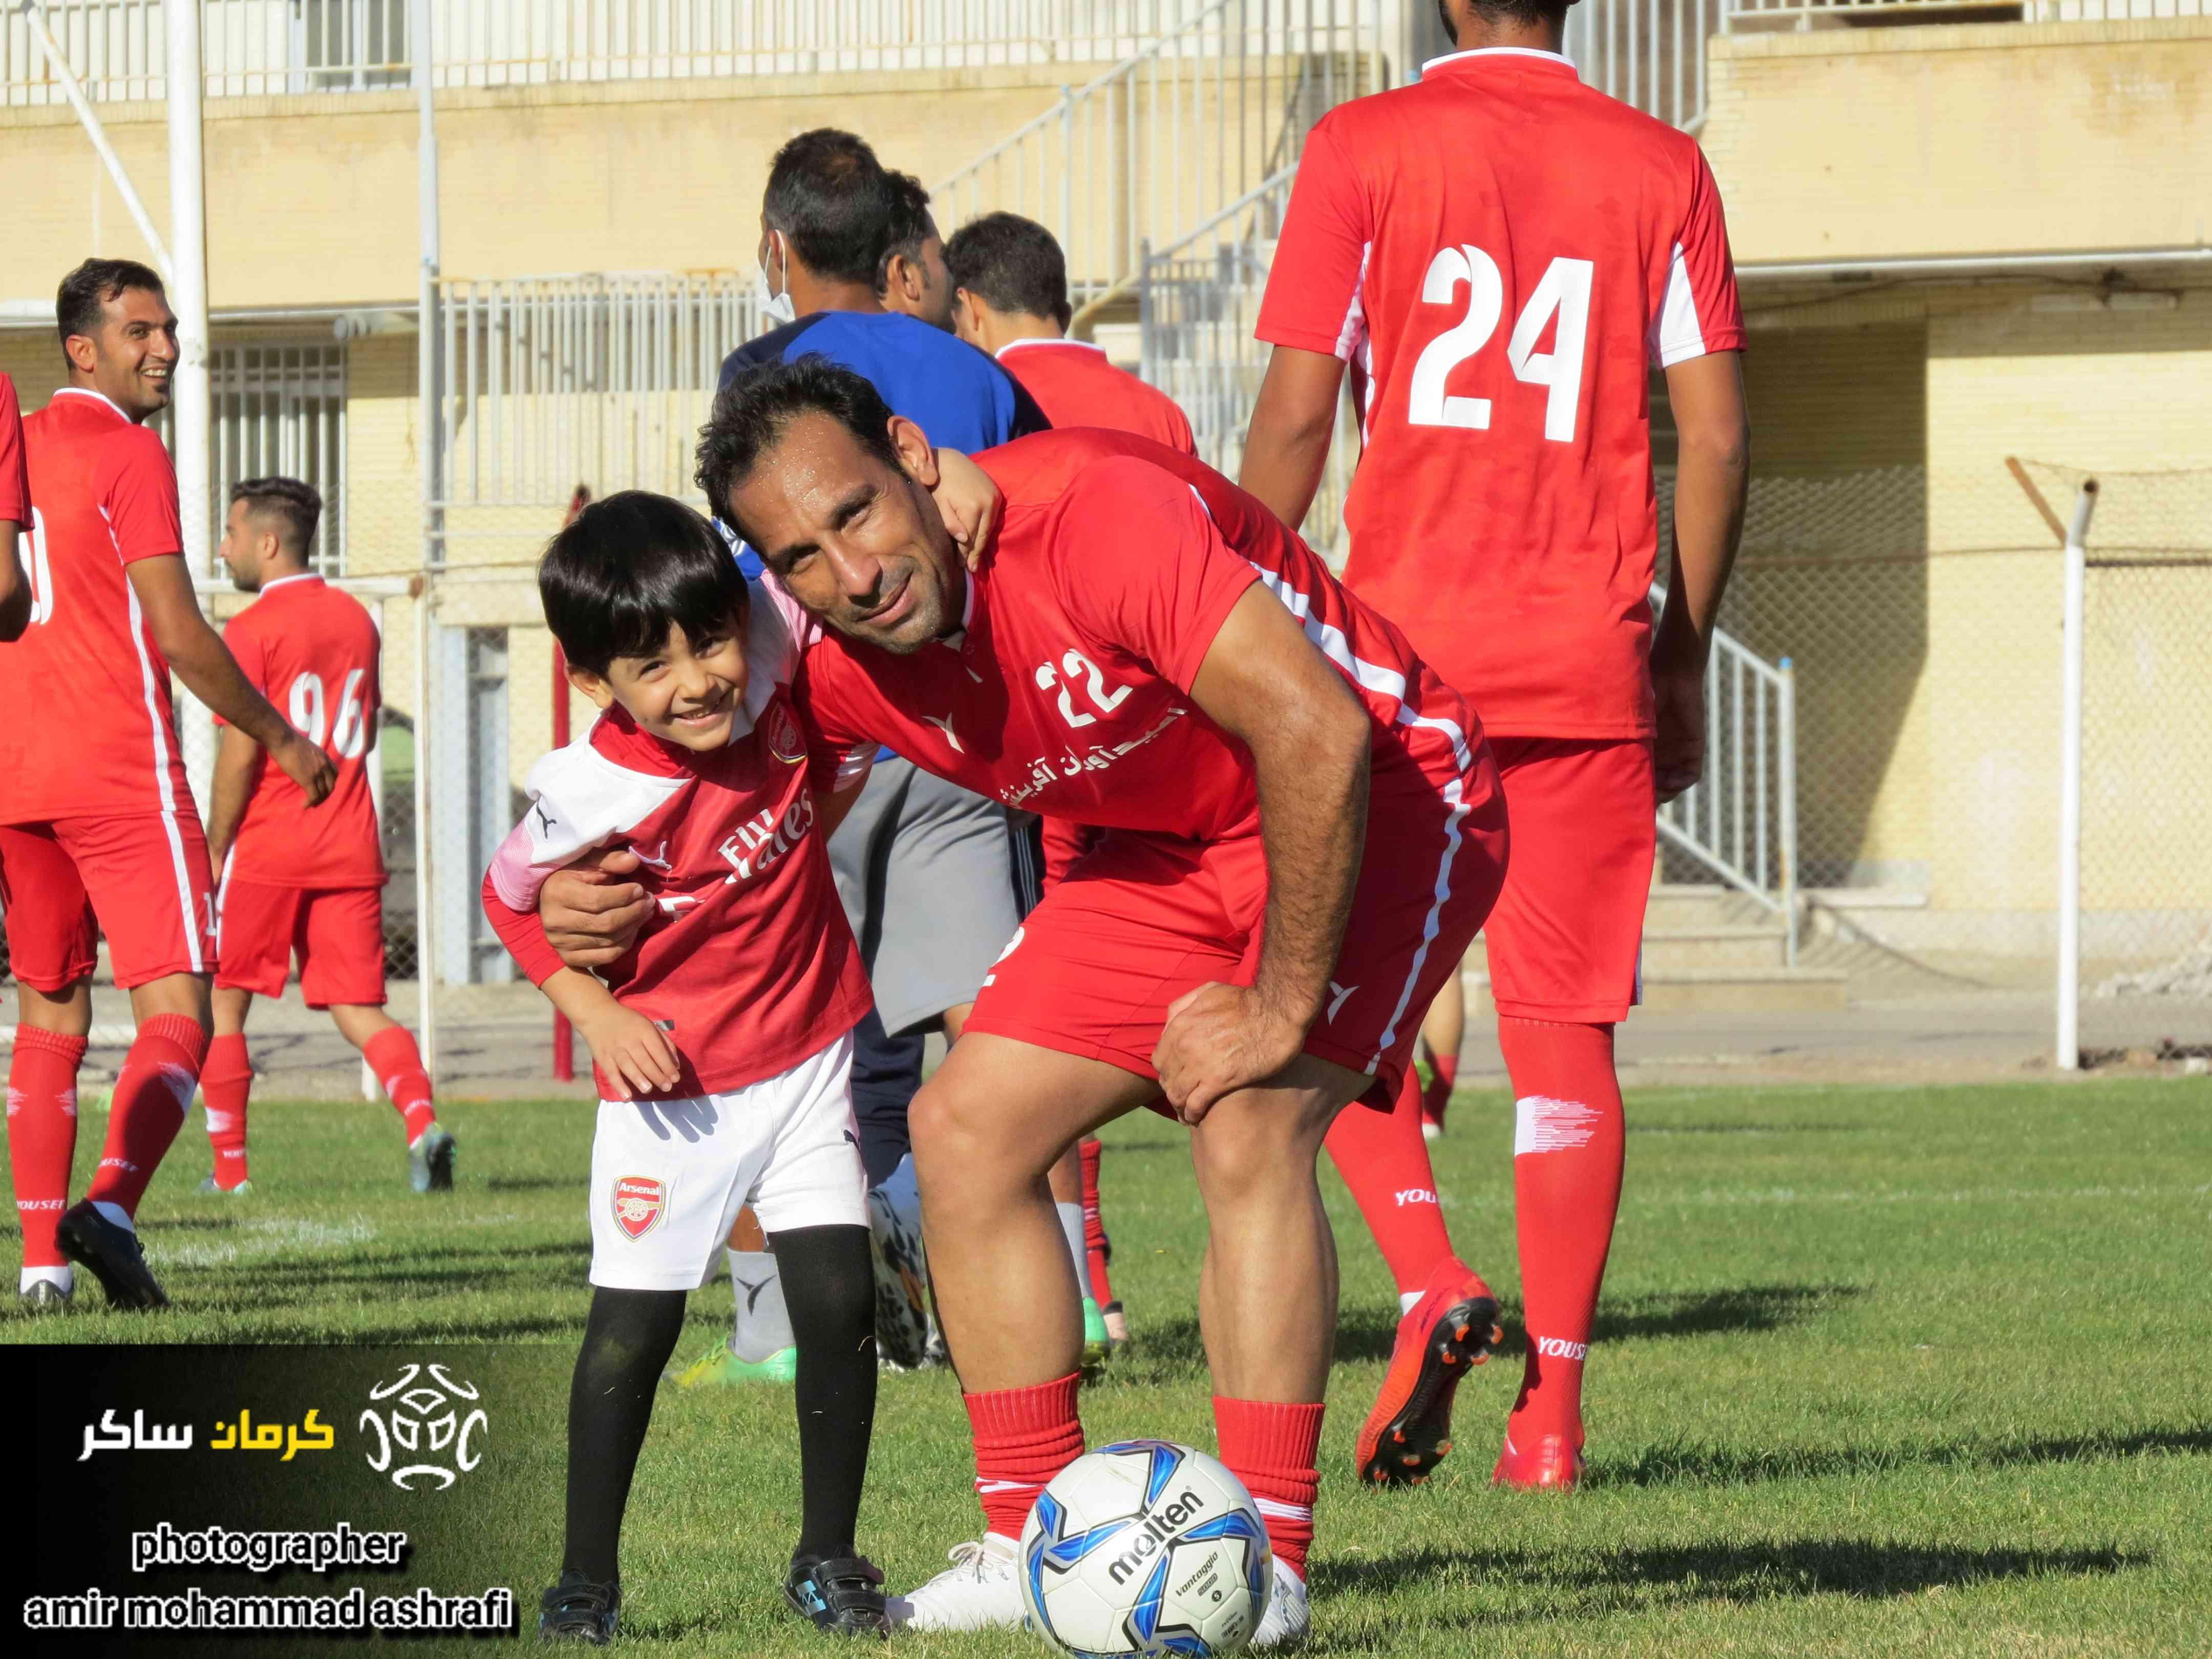 گزارش تصویری: تمرینات عصر امروز (۱۰ آذر ماه) تیم فوتبال مشیز کرمان از نگاه دوربین امیرمحمد اشرفی